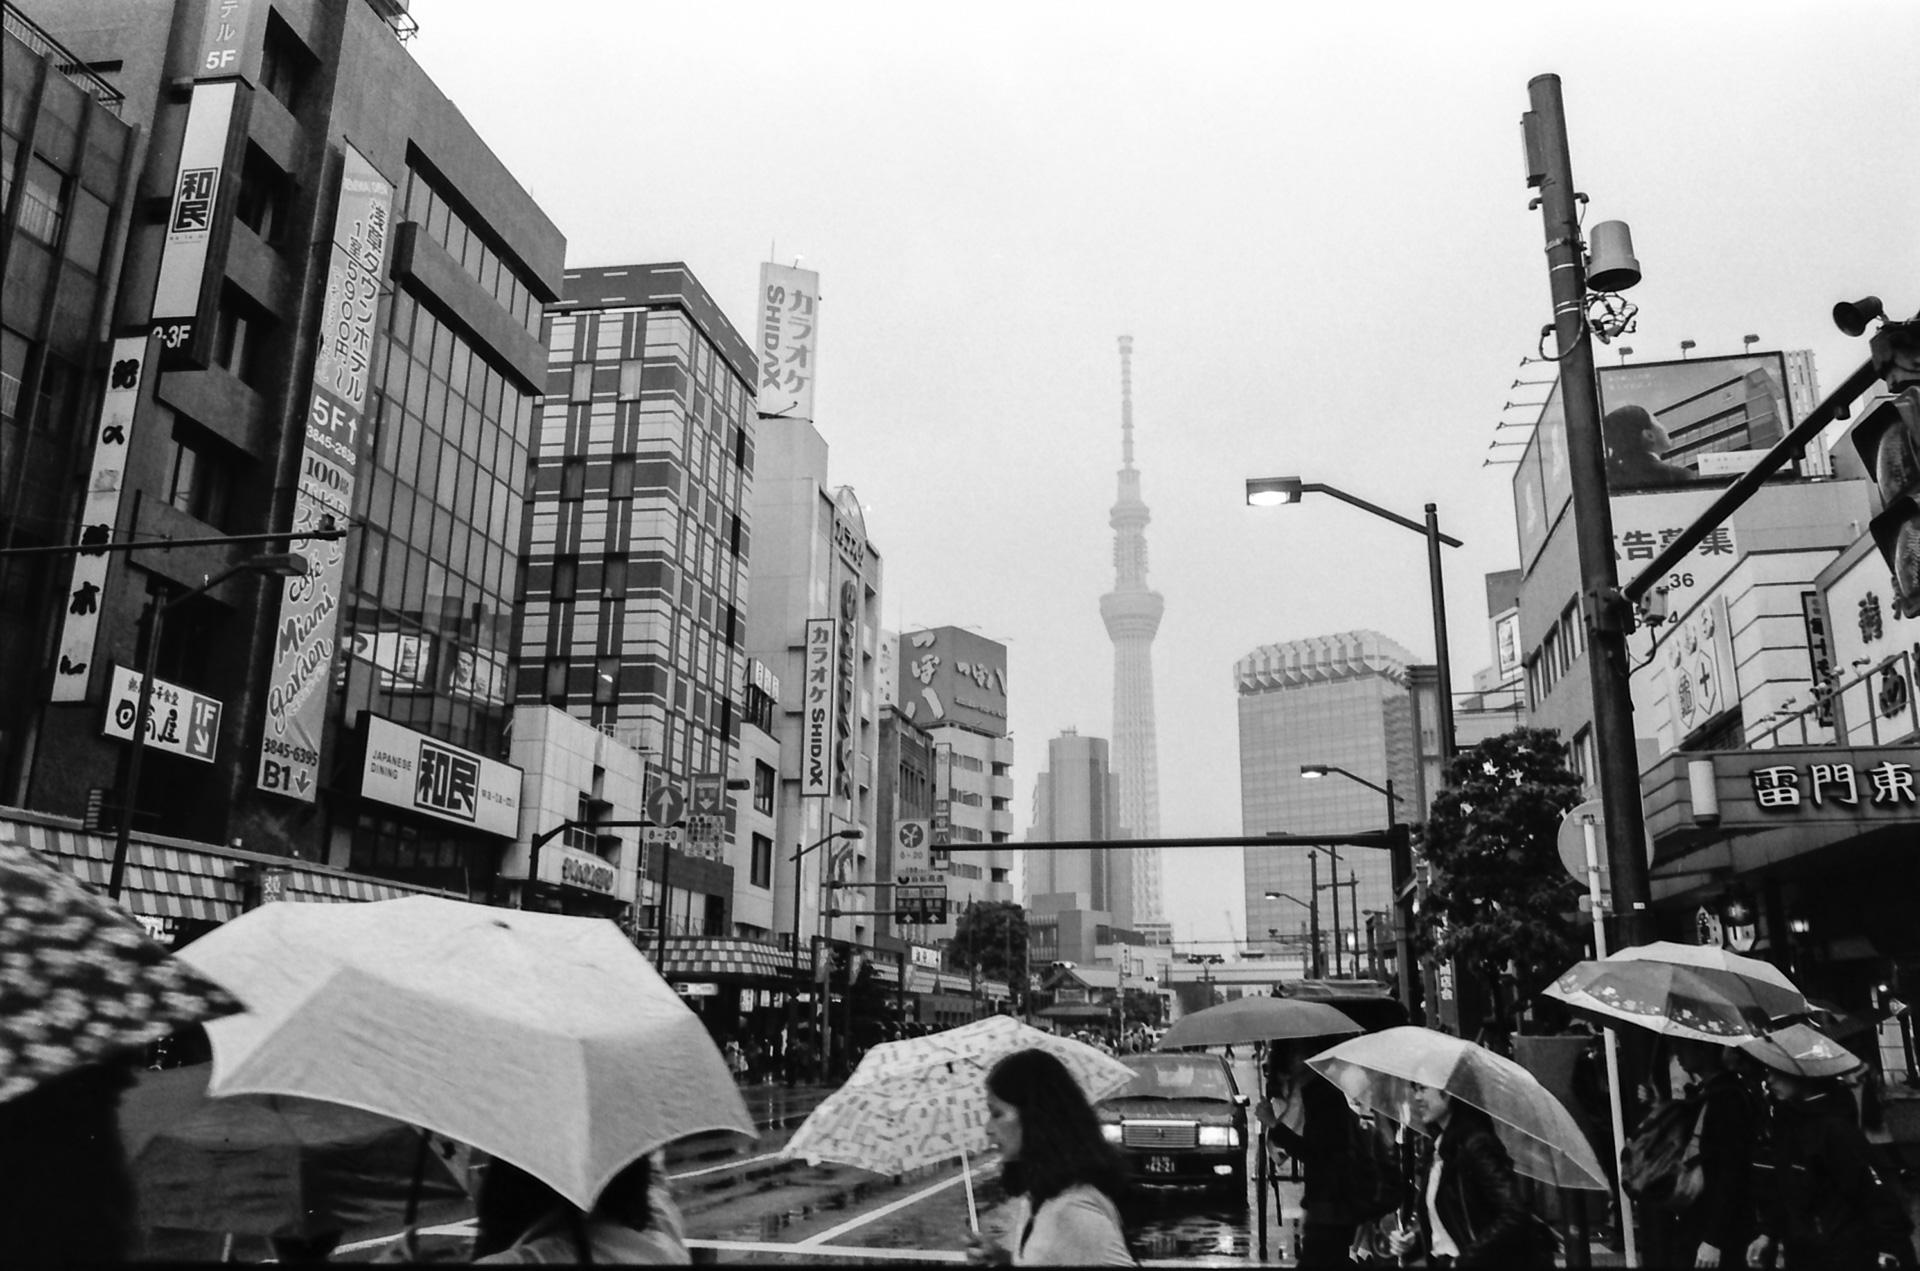 浅草の街 Canon EOS-1, EF 17-40mm F4L USM, Rollei RPX 400